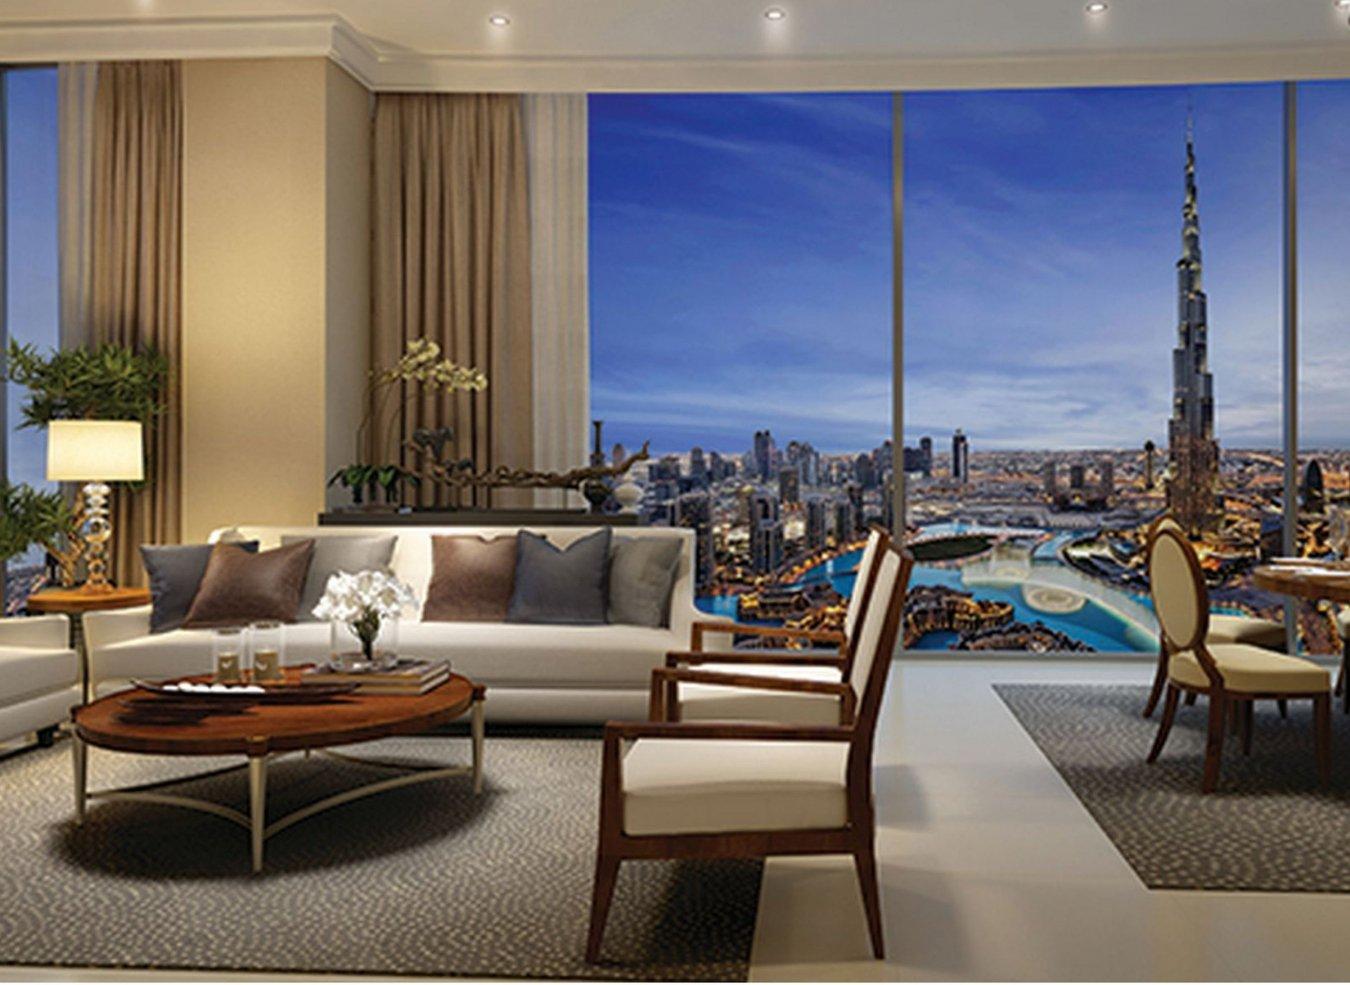 Сколько стоит аренда квартиры в оаэ ремонт квартир дубай